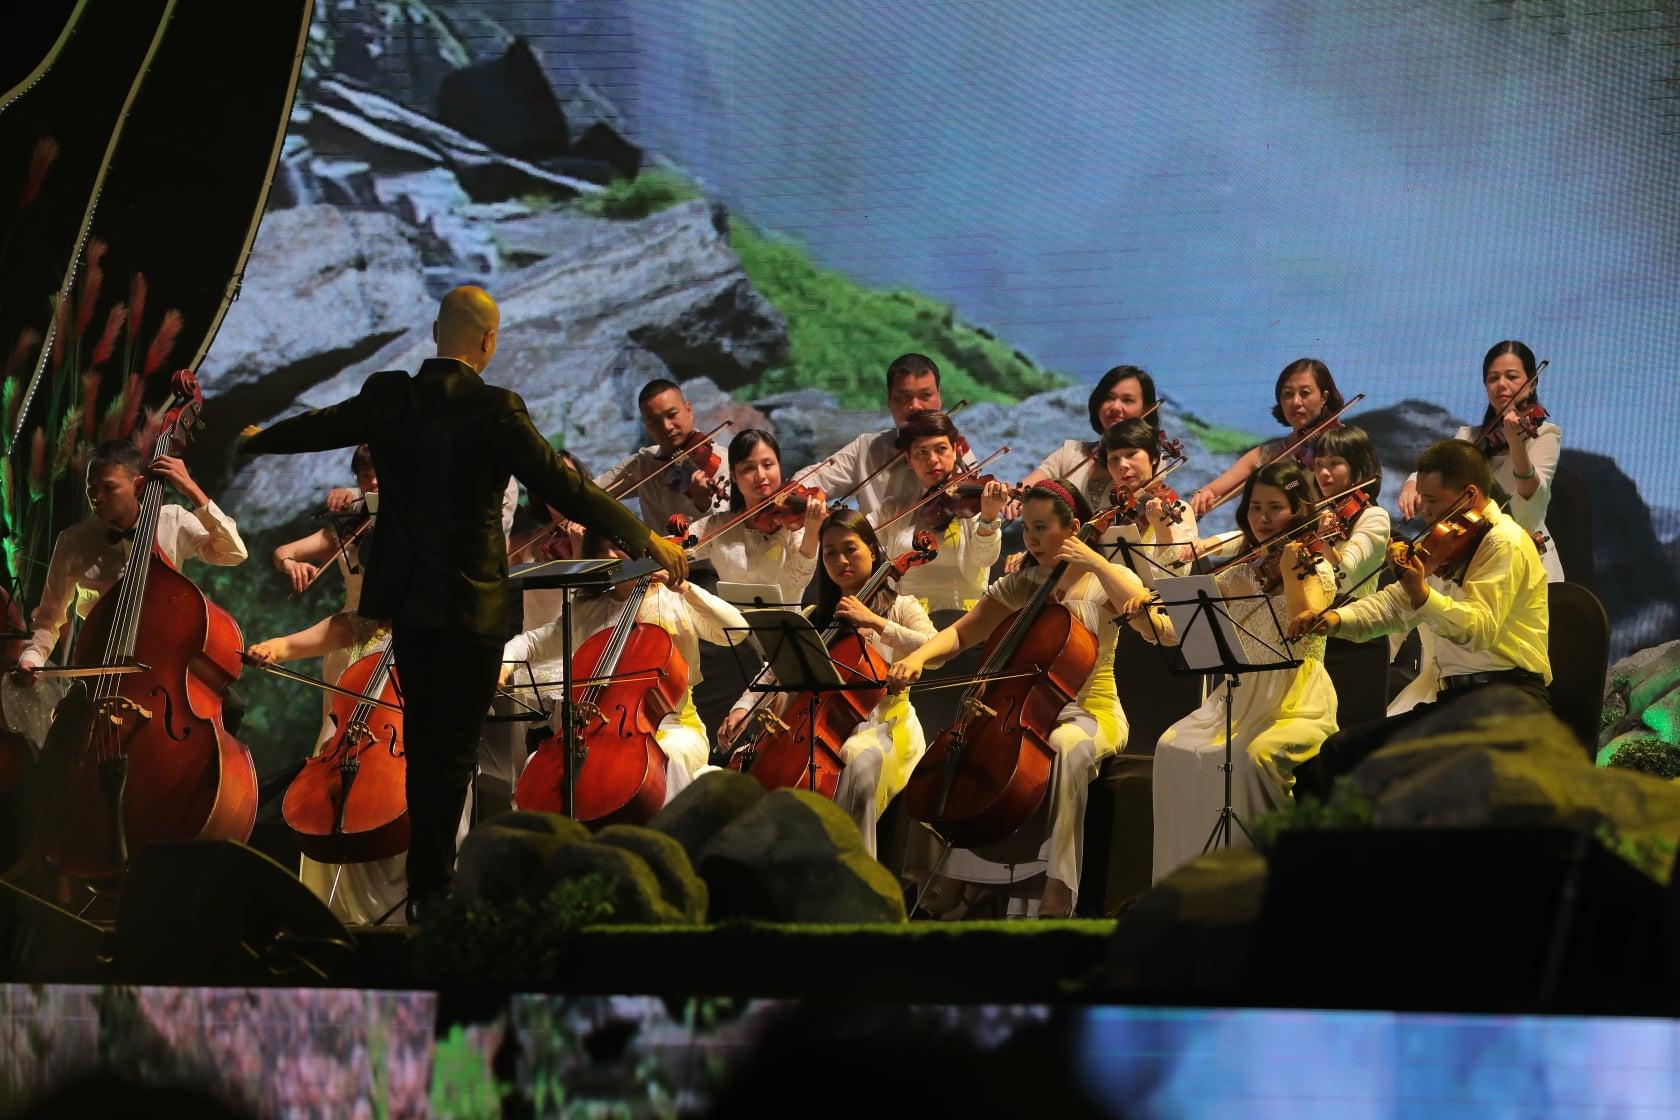 VTV true Concert 2021: Khúc hoan ca vĩnh cửu của Nước và Mẹ Thiên nhiên 1